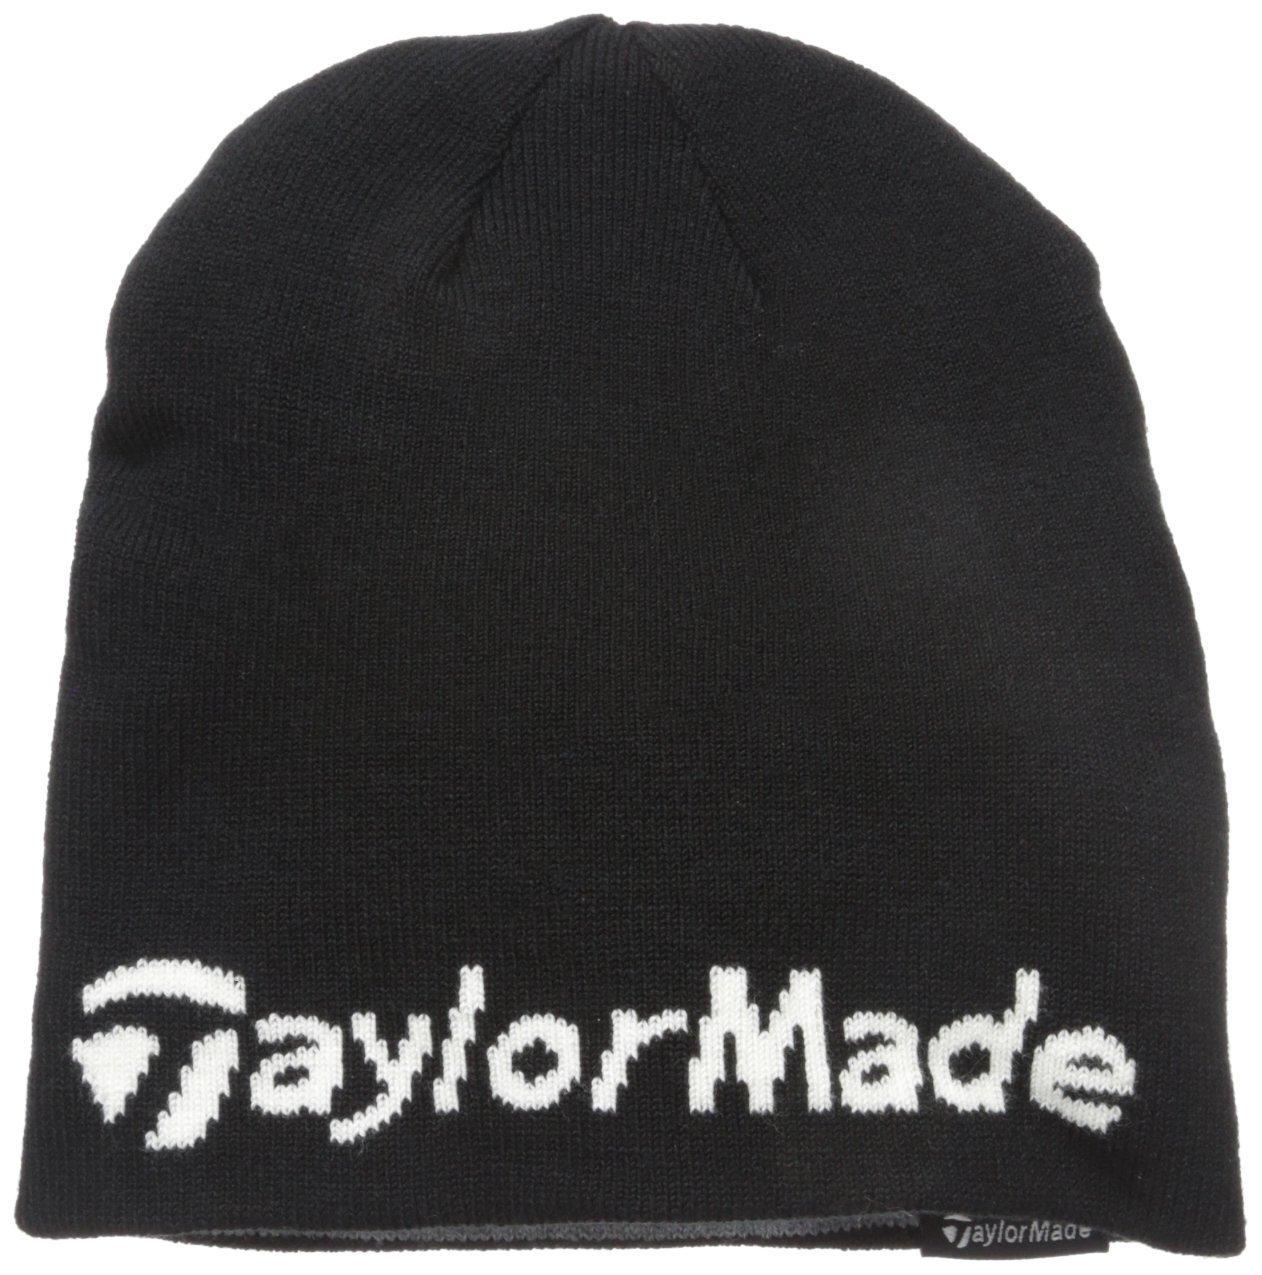 Taylormade Mens TM15 Tour Golf Beanie Hats d5cf7b75b6a0